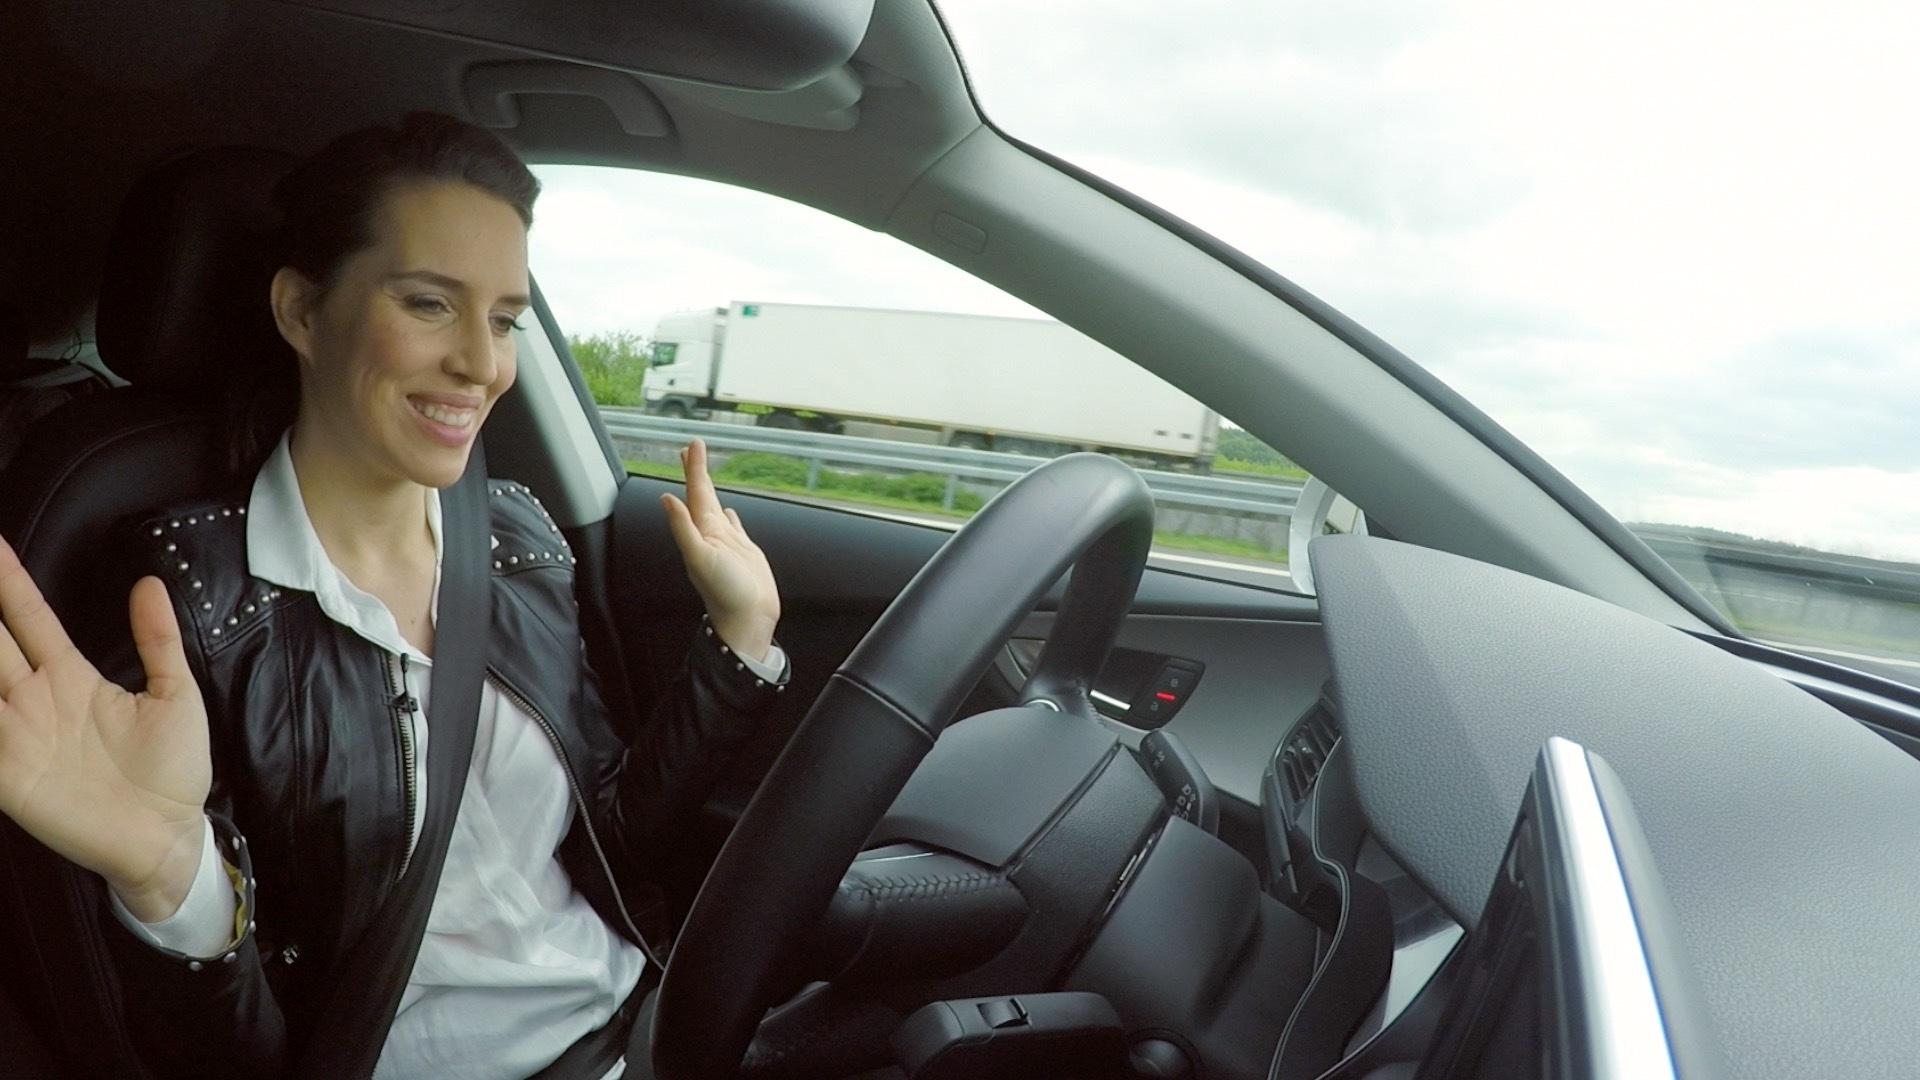 Die Fahrerassistenzsysteme von Audi: Blick in die Zukunft – Das Pilotierte Fahren